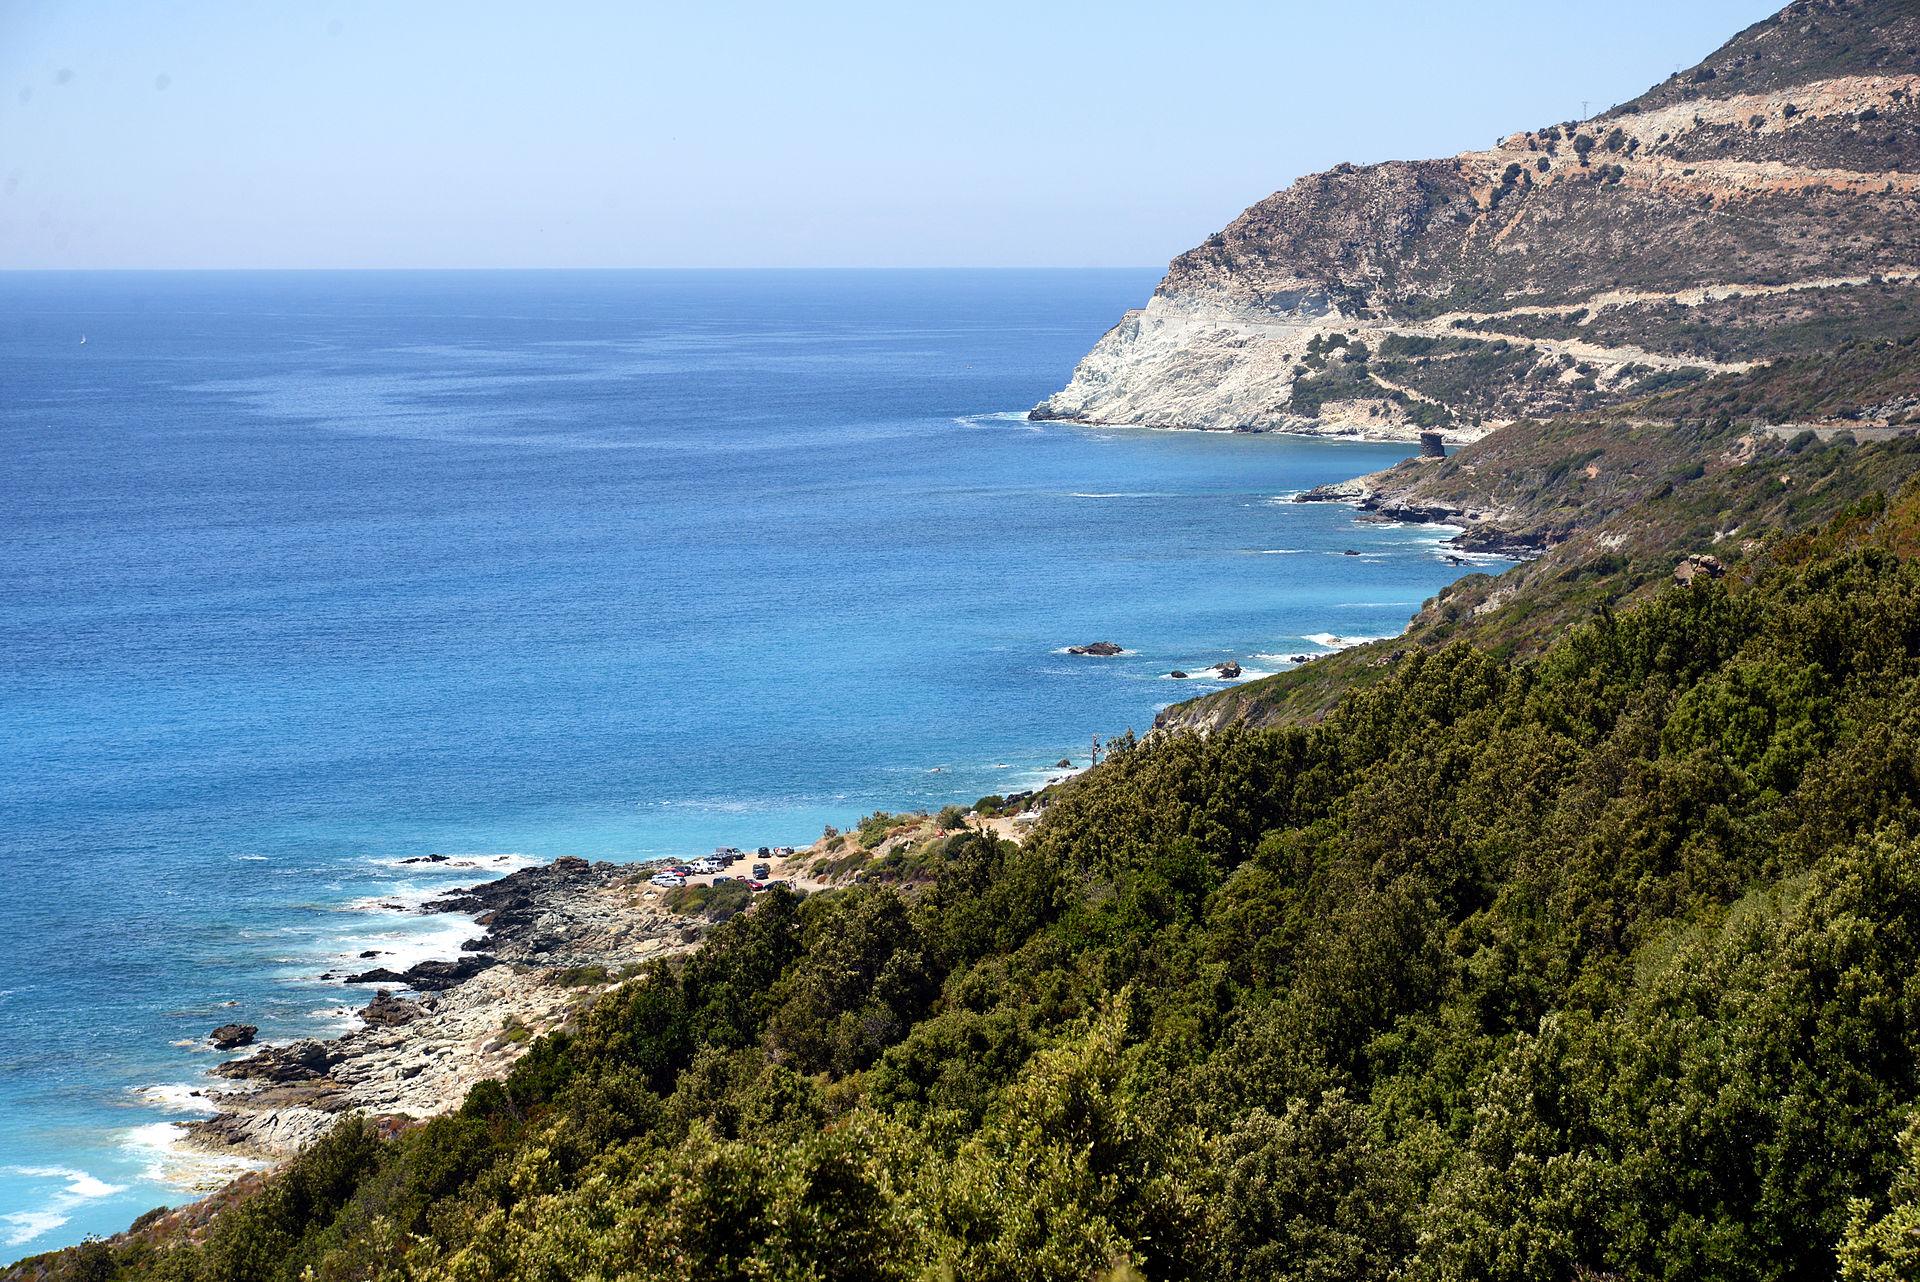 Secteur littoral entre Nonza et la Punta Bianca